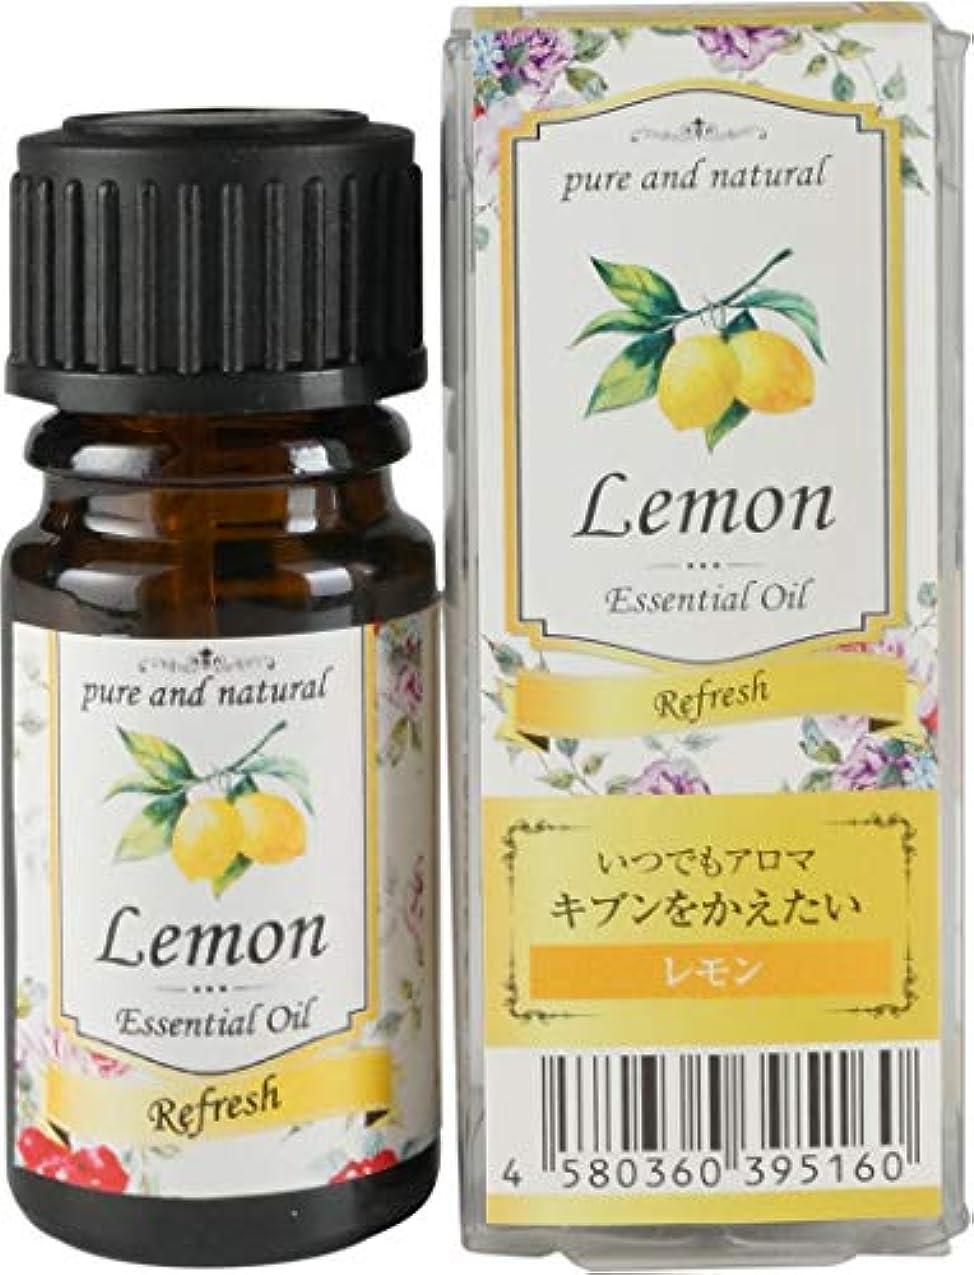 概して不合格注入するいつでもアロマ レモン 3ml アロマオイル